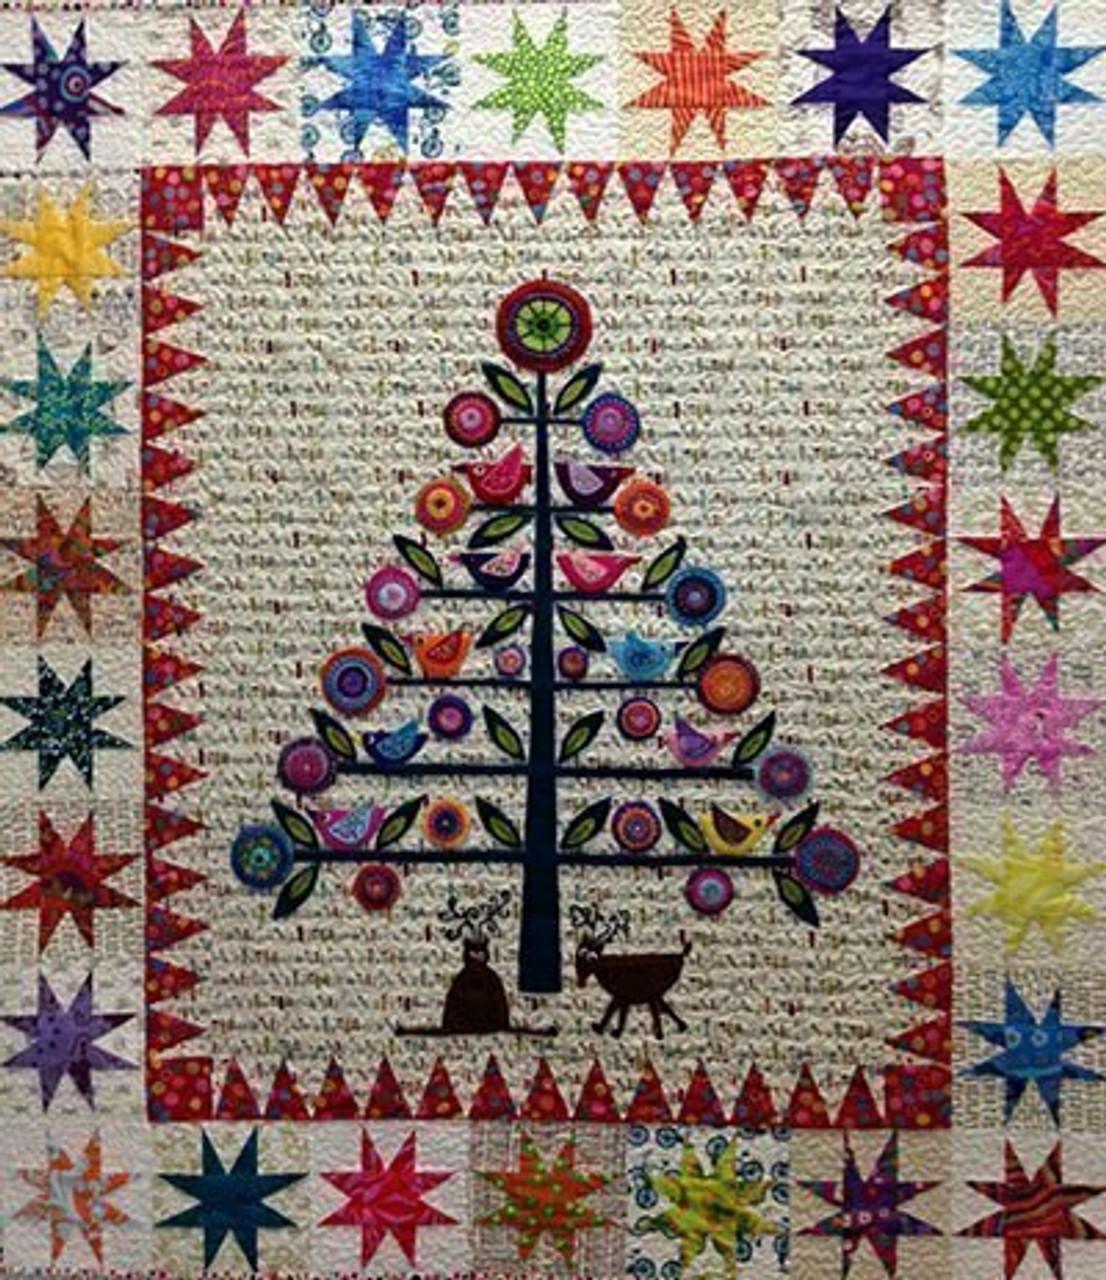 Wendy Williams : Oh Christmas Tree - Wool Felt Kit